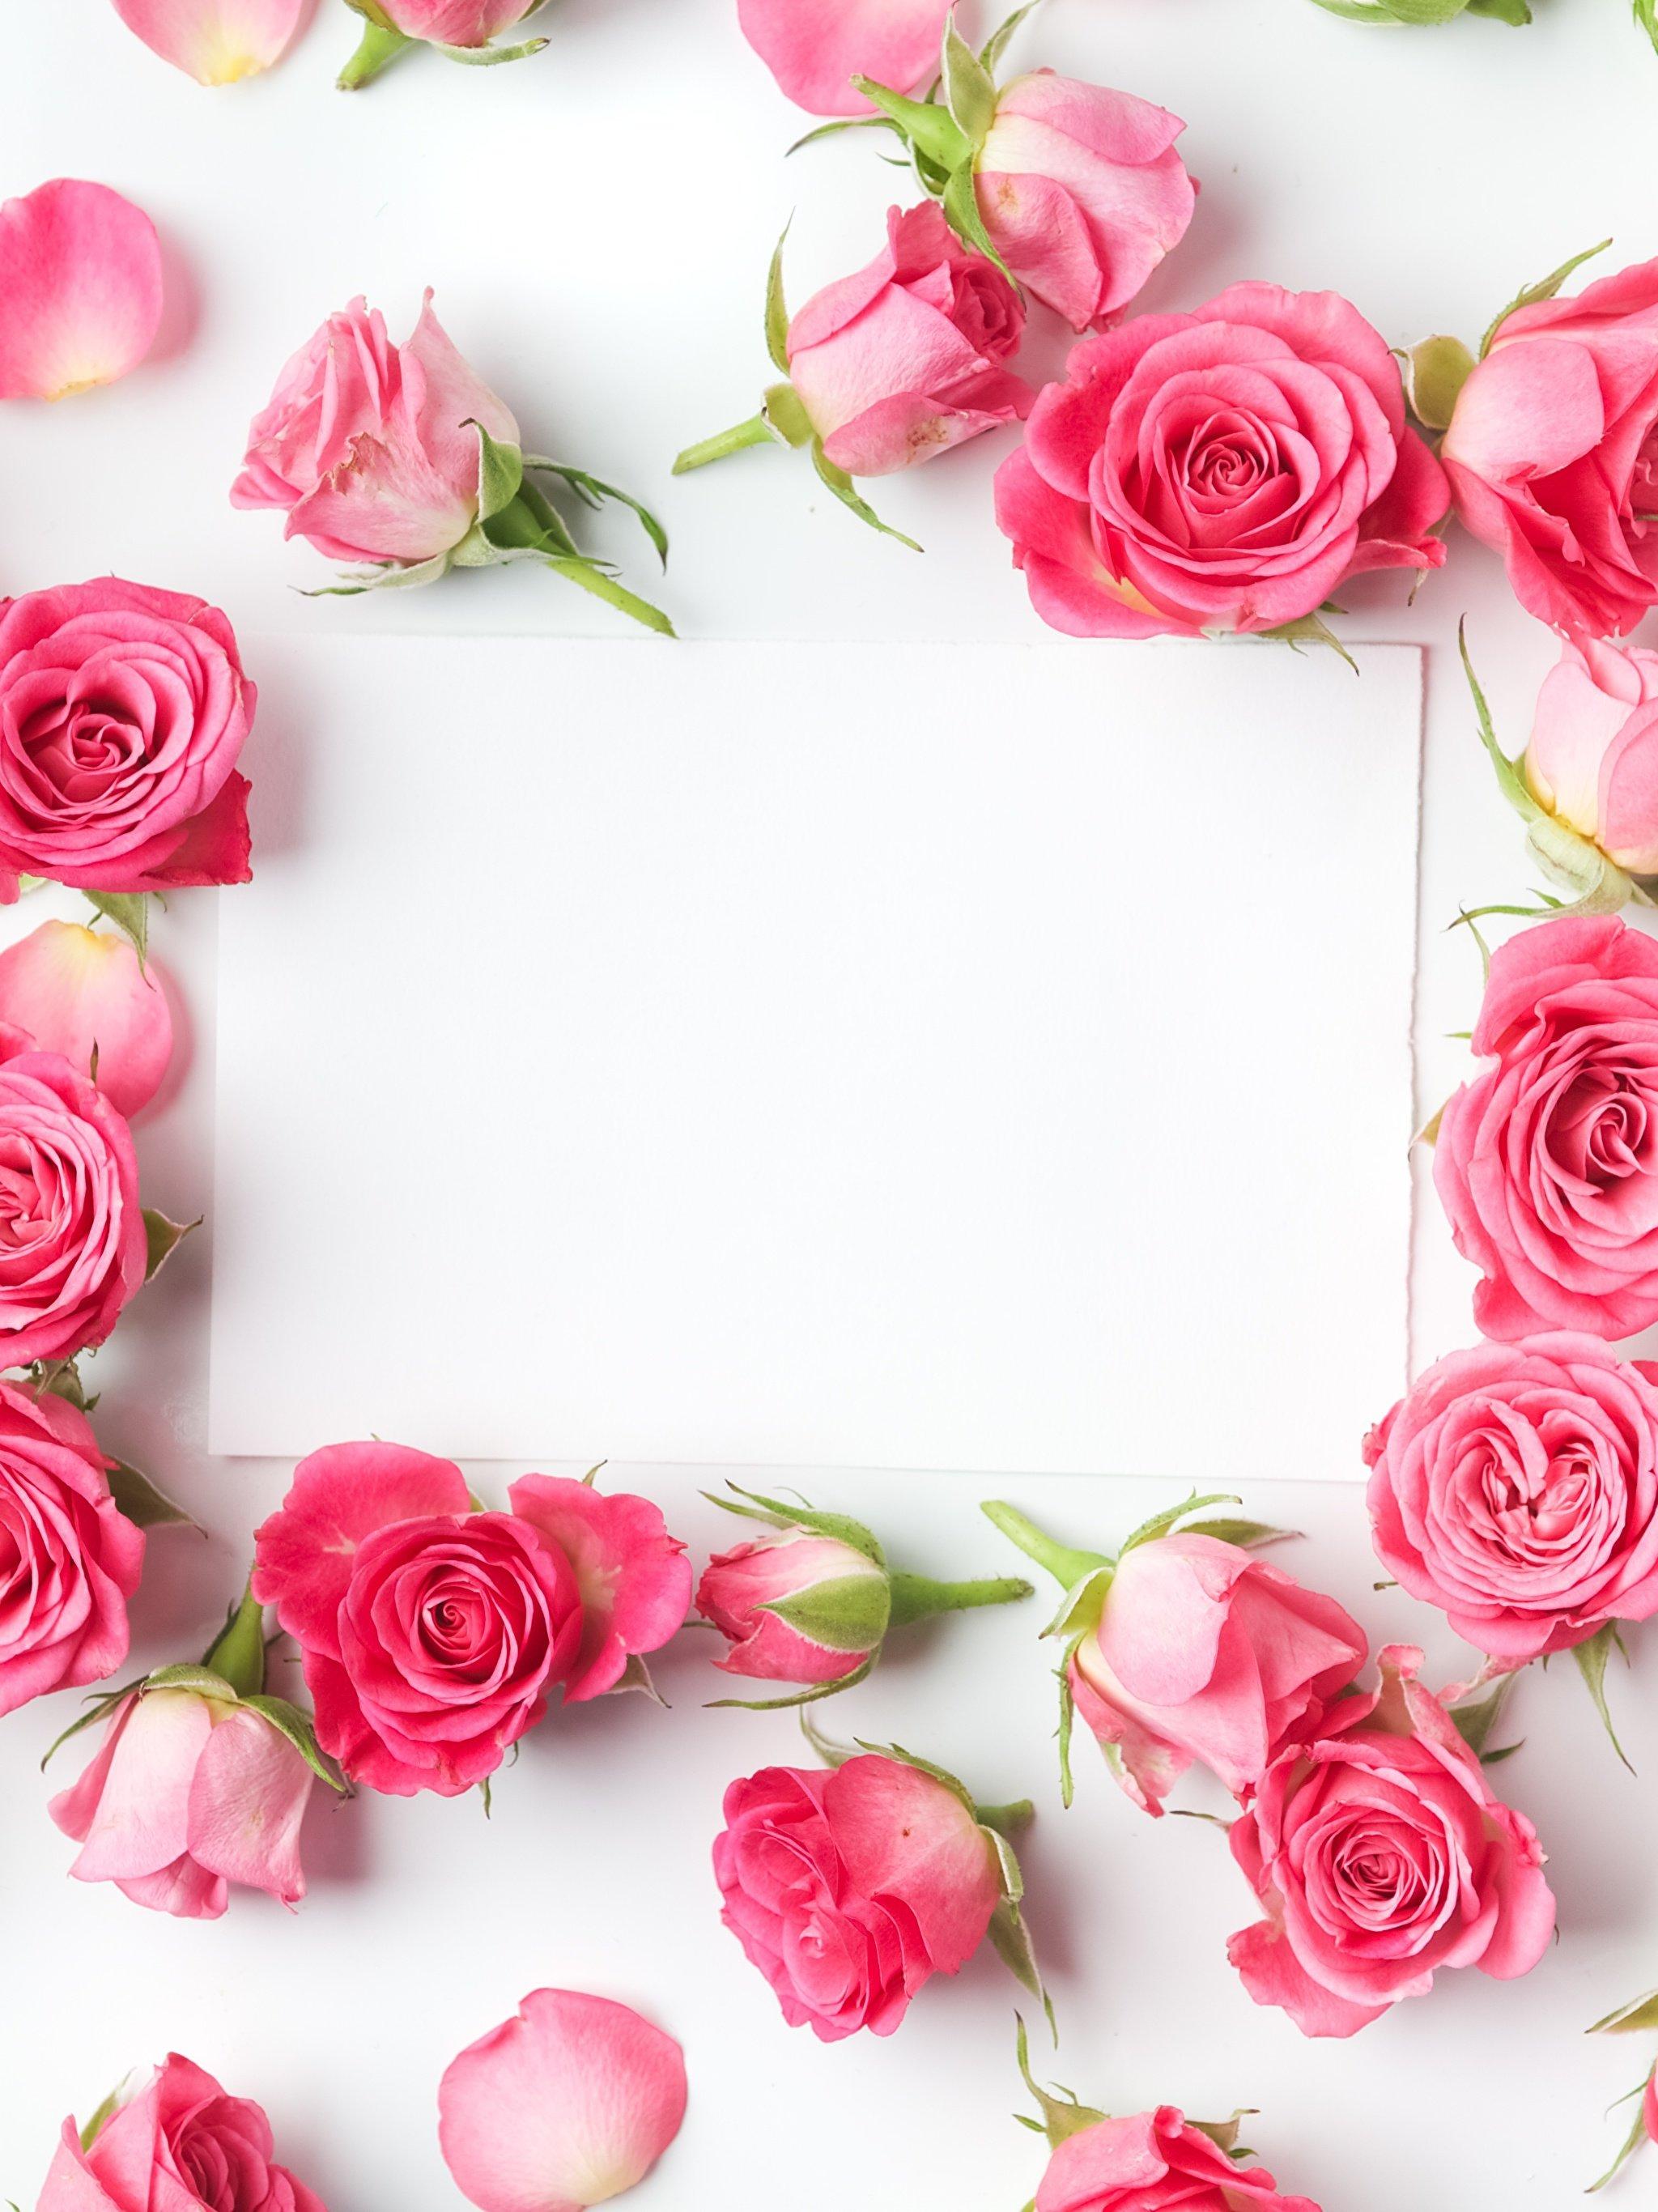 Открытки для поздравления с цветами